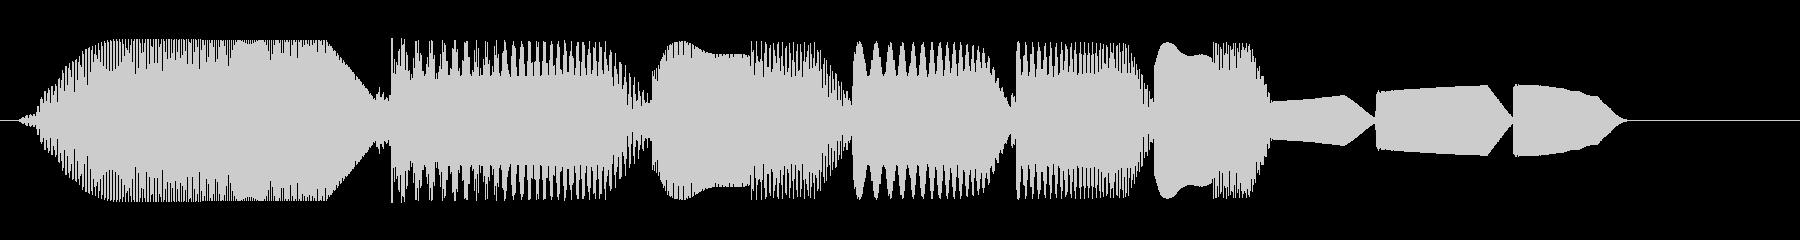 プワプワァ(泡の音色)の未再生の波形